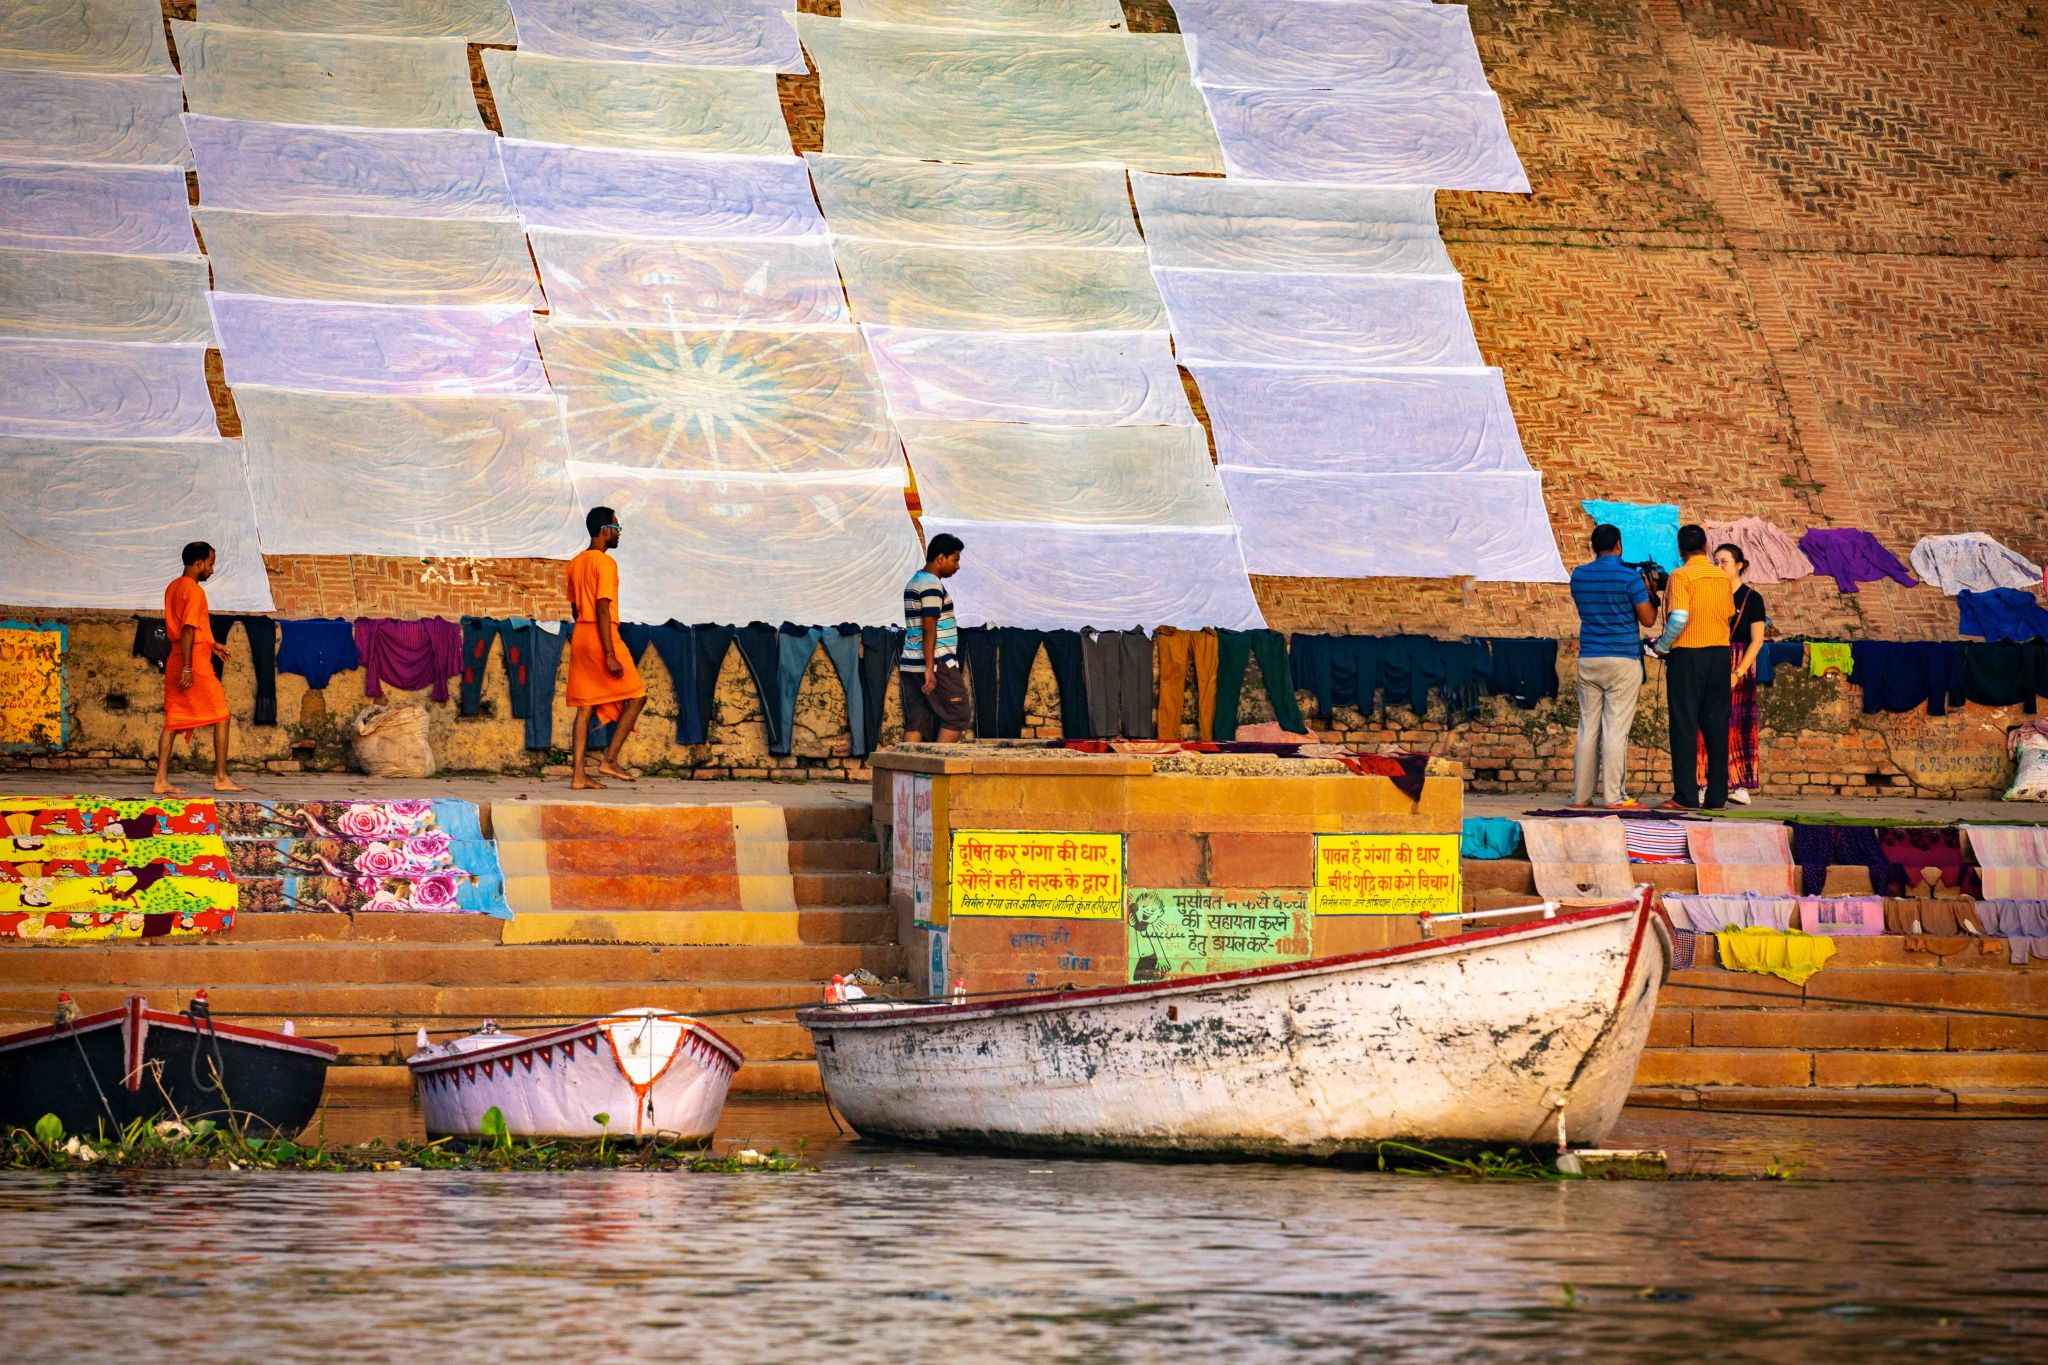 Laundry on The Ganges Varanasi, India